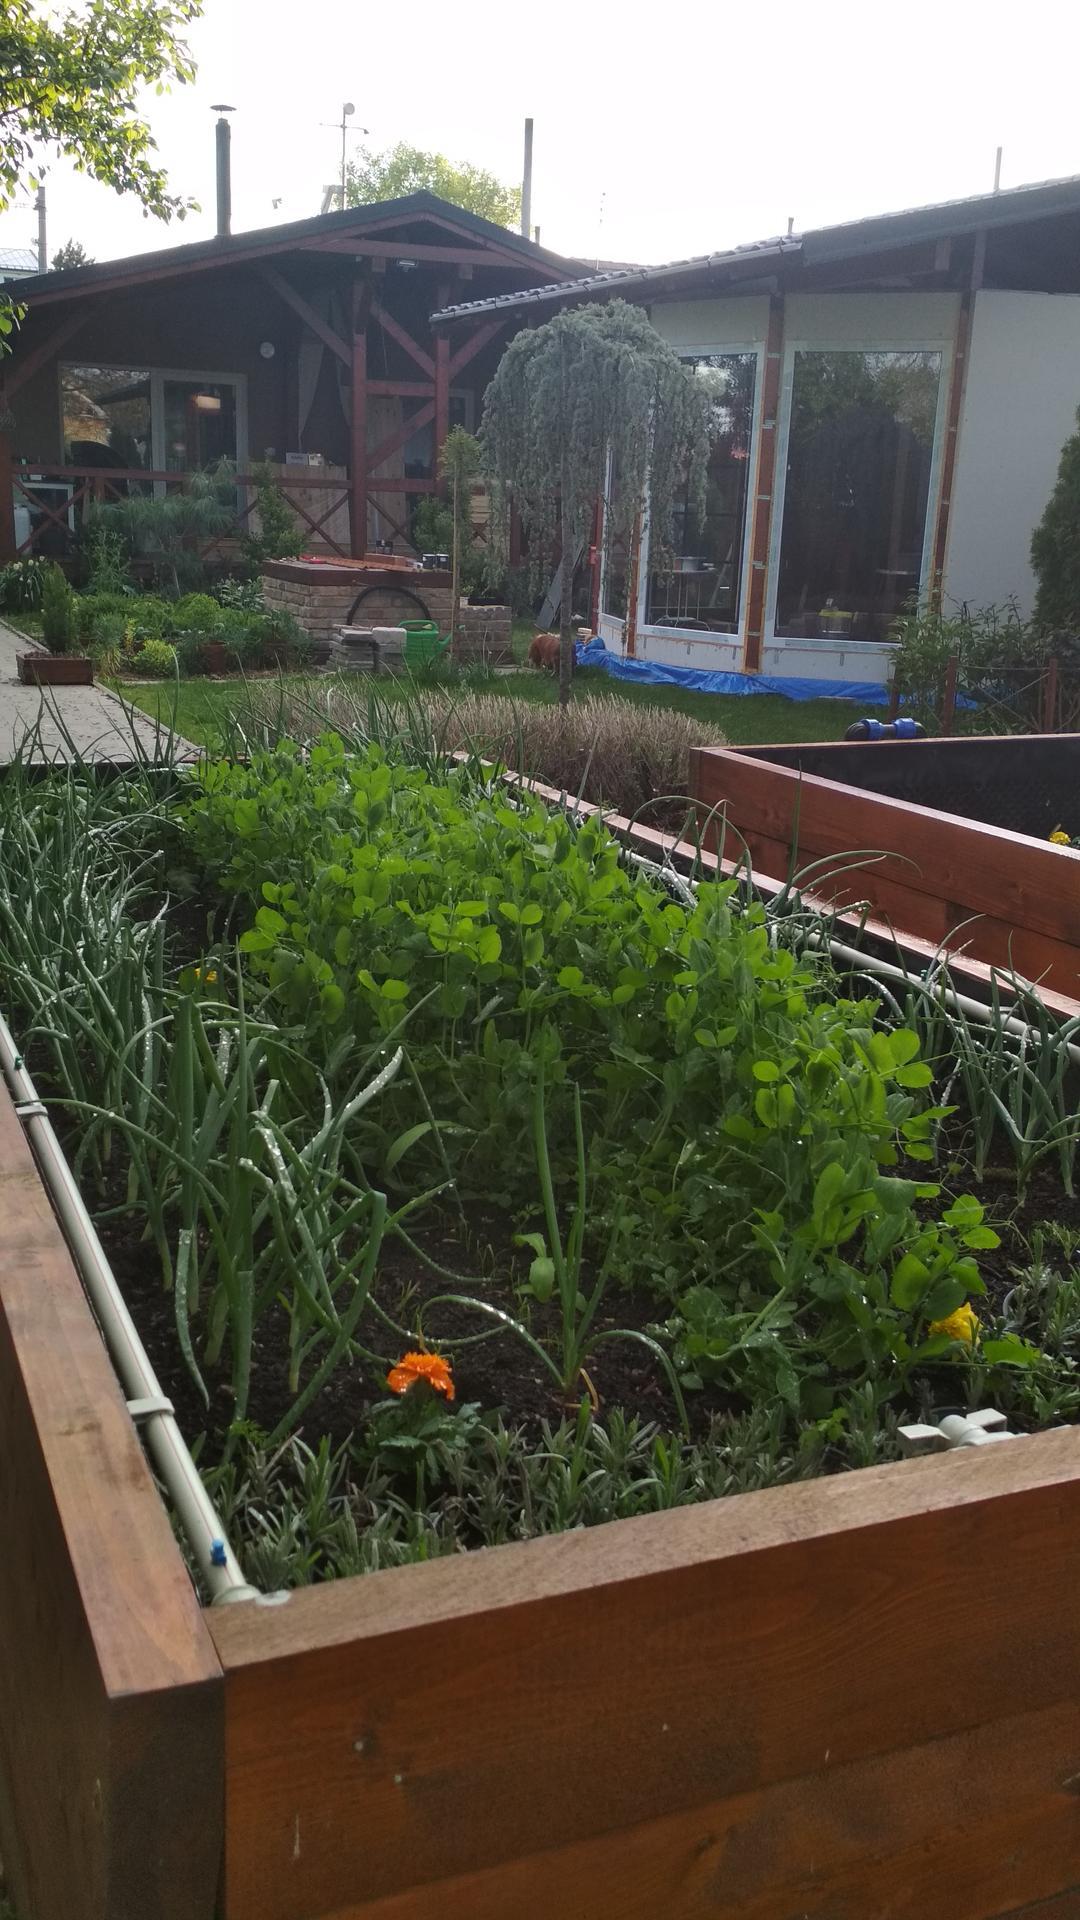 Vyvýšené záhony a úžitková záhrada - sezóna 2021 ... príprava, sadenie, starostlivosť - Obrázok č. 47